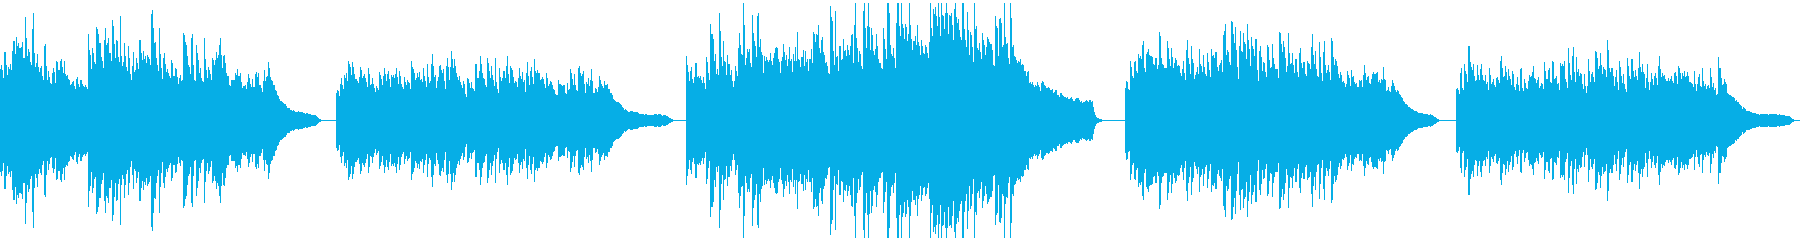 躍動感があり温かいイメージのピアノソロの再生済みの波形